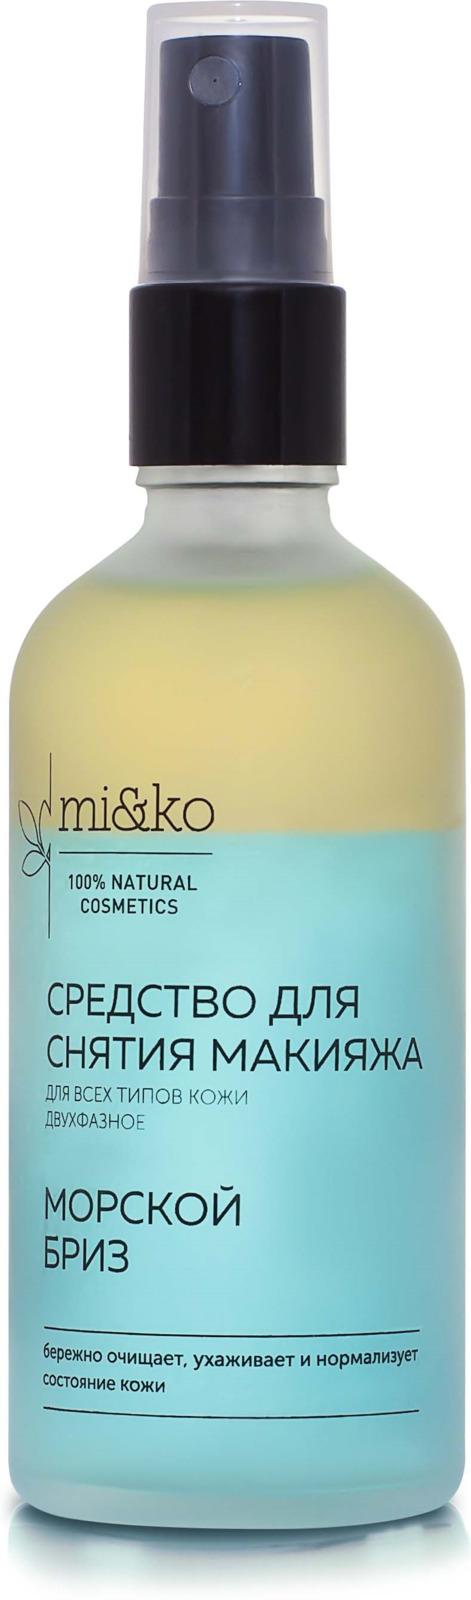 Средство для снятия макияжа Mi&Ko Морской бриз, двухфазное, 100 мл venus venus двухфазное средство для снятия макияжа с глаз и лица для всех типов кожи 200 мл